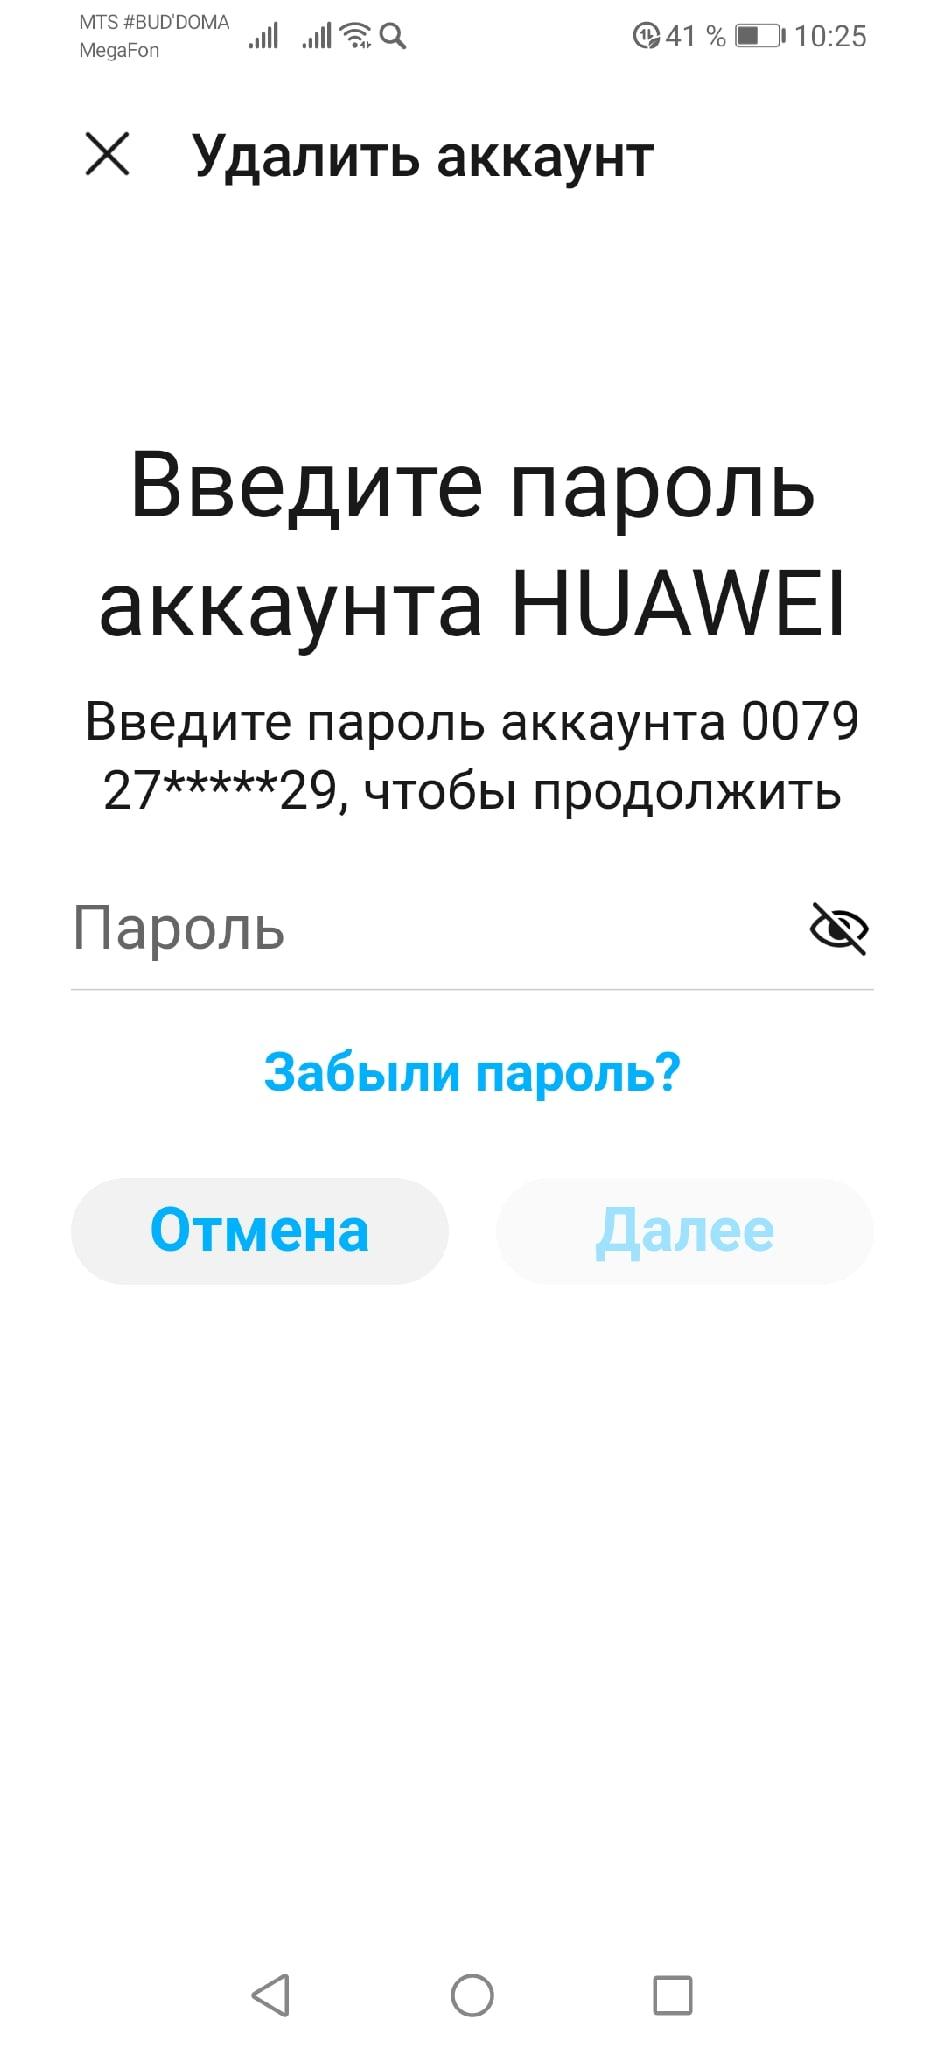 Как удалить аккаунт с телефона Honor, Huawei